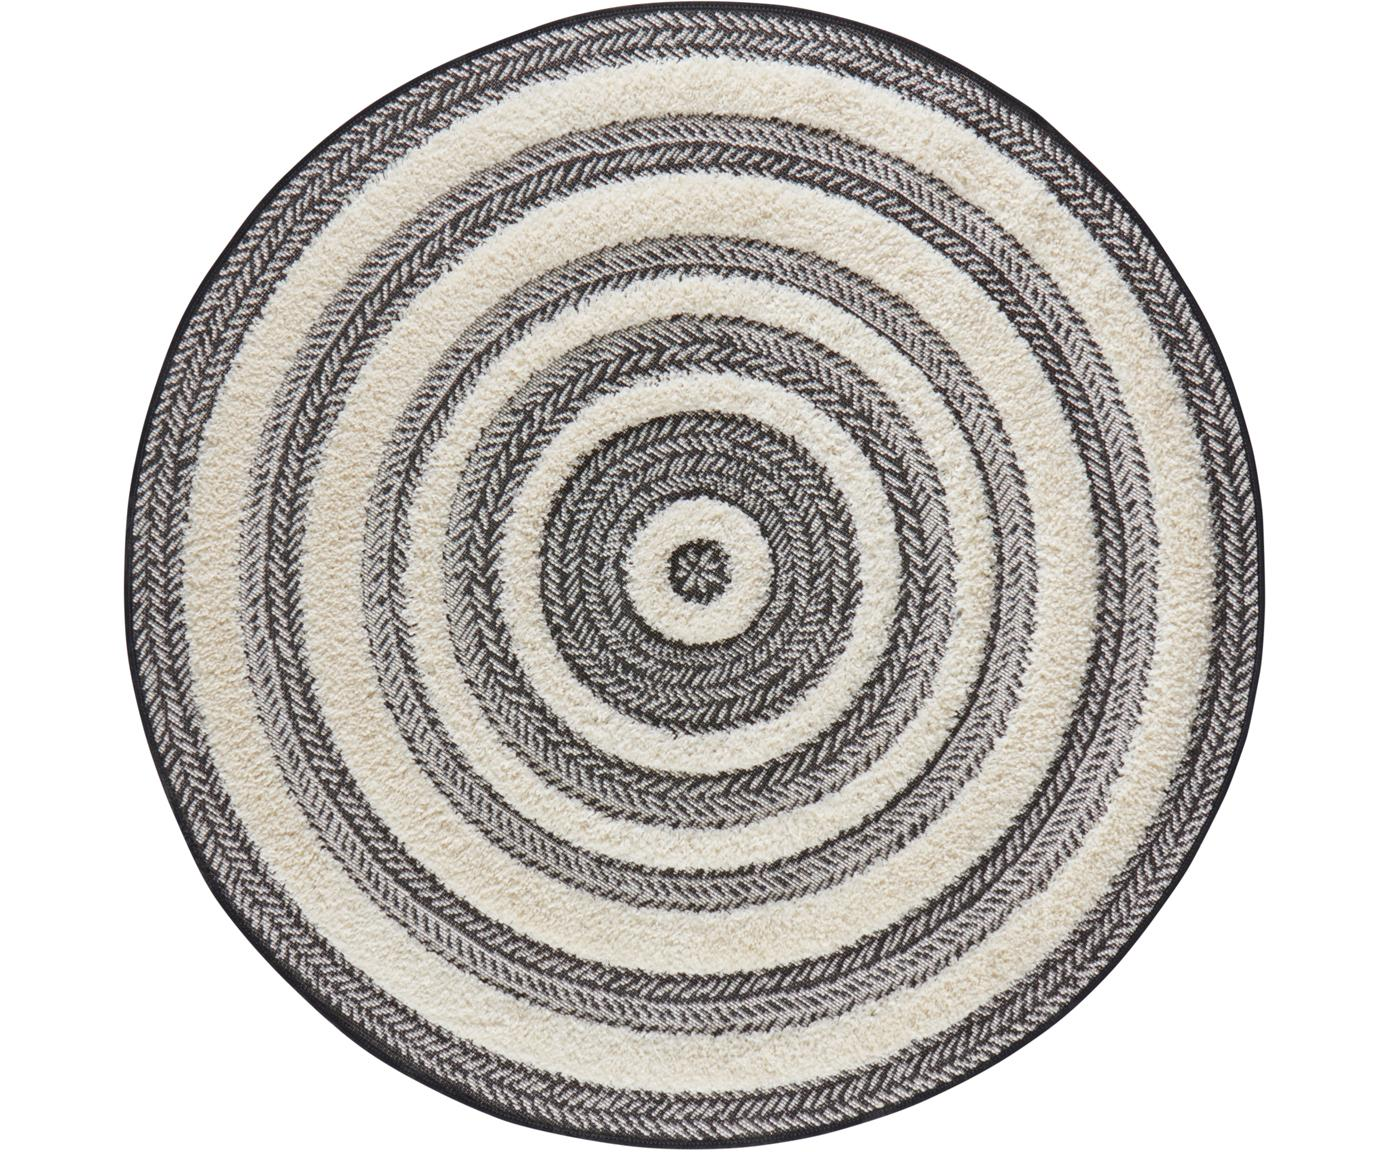 Runder In- & Outdoor-Teppich Nador mit Hoch-Tief-Effekt, 100% Polypropylen, Grau, Cremefarben, Ø 160 cm (Größe L)